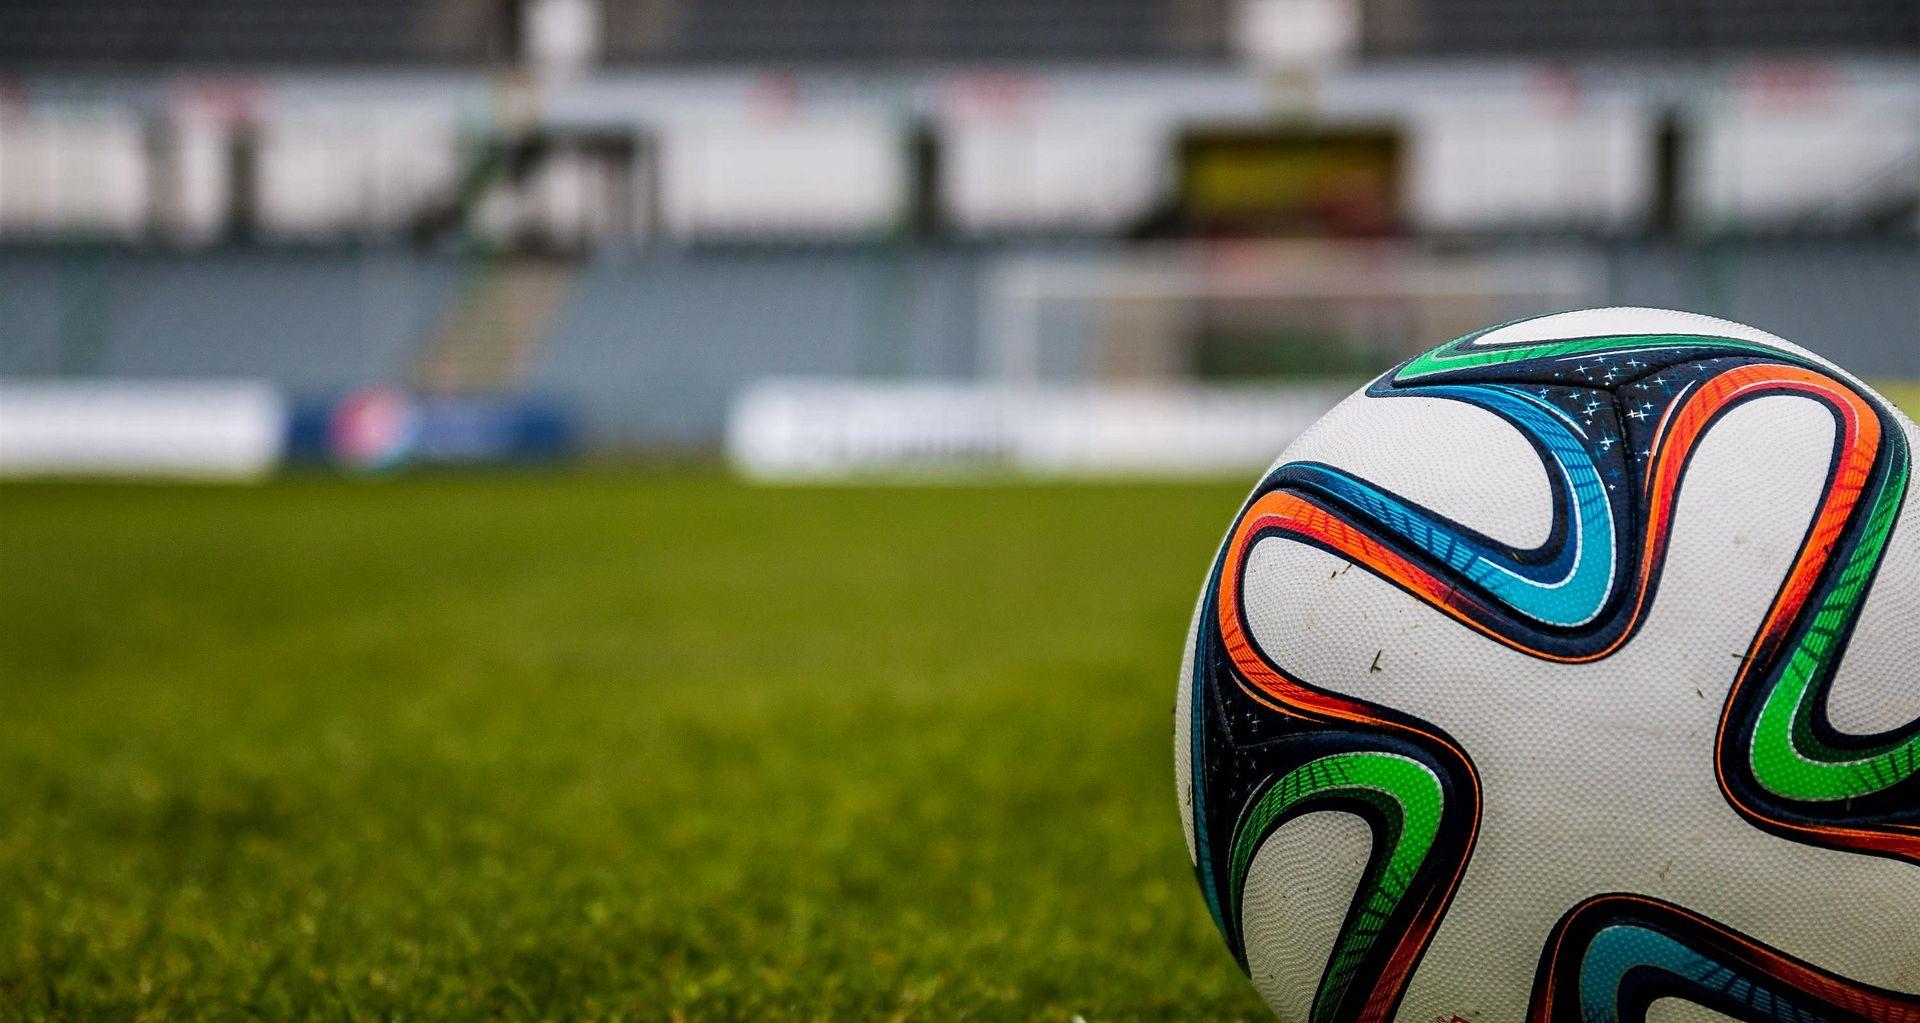 'OVO JE FARSA' Zbog sudačih odluka u korist Levskog, Ludogorets najavio istupanje iz bugarske lige